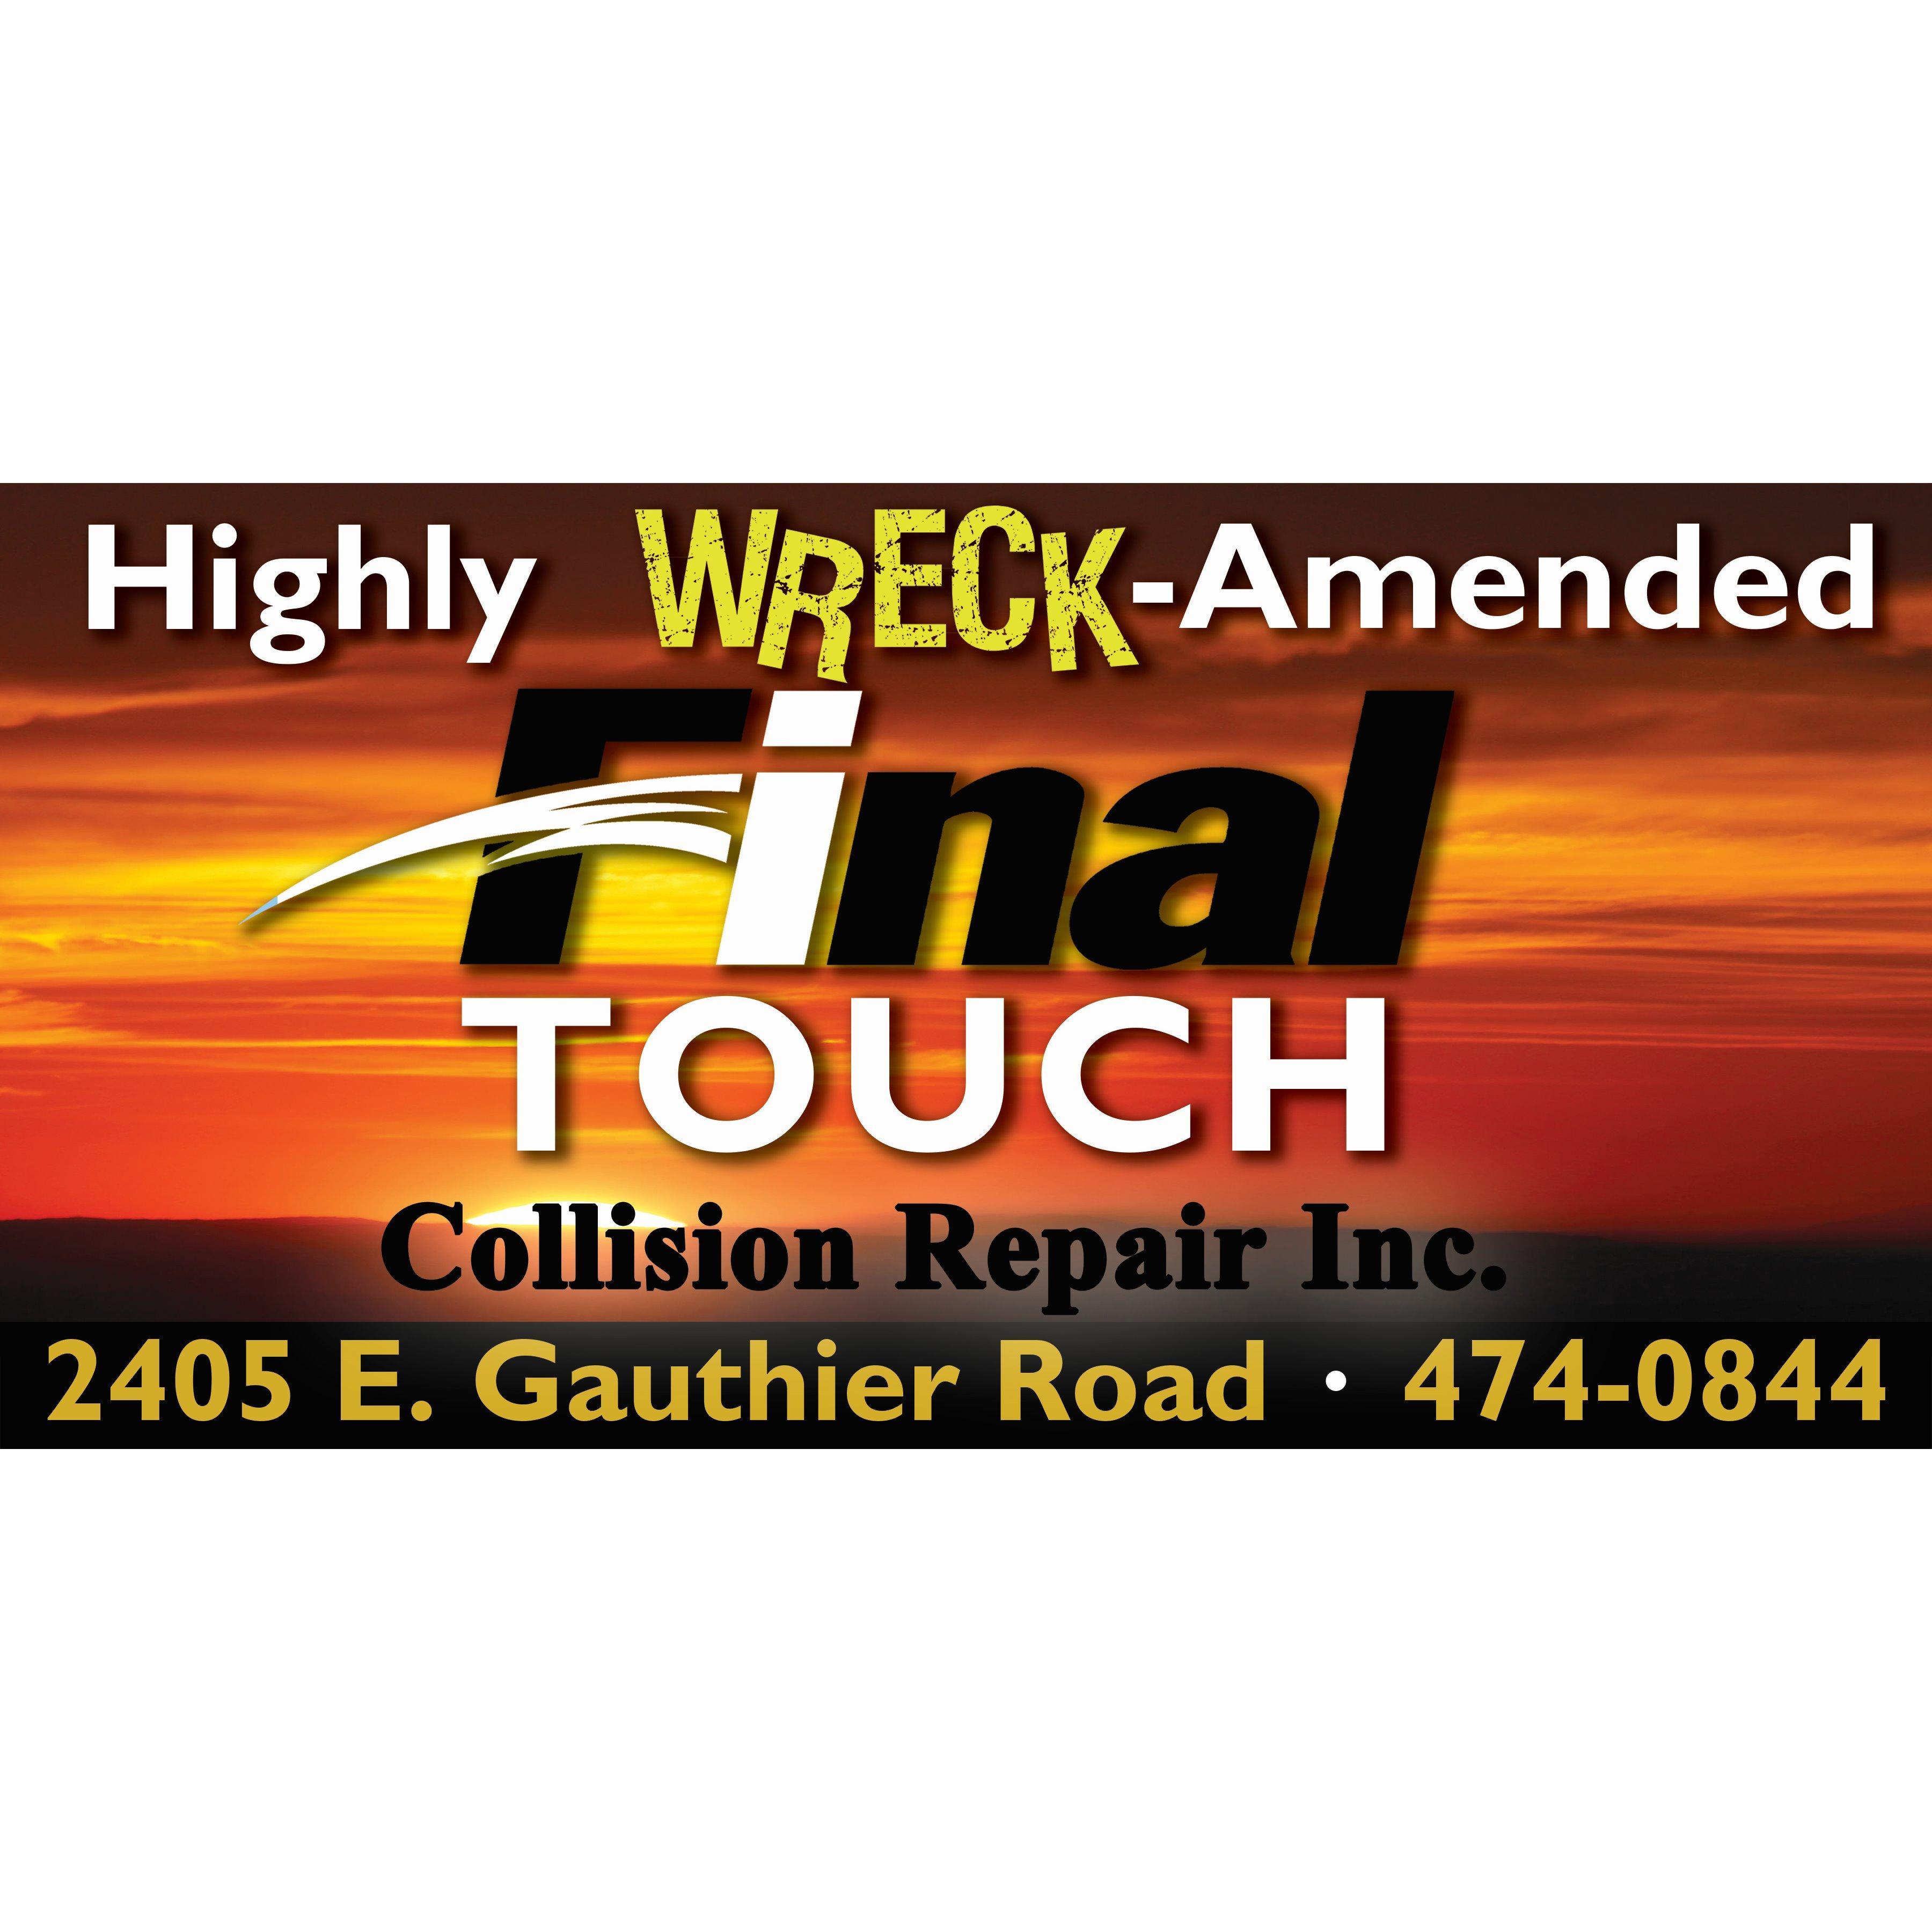 Final Touch Collision Repair, Inc.